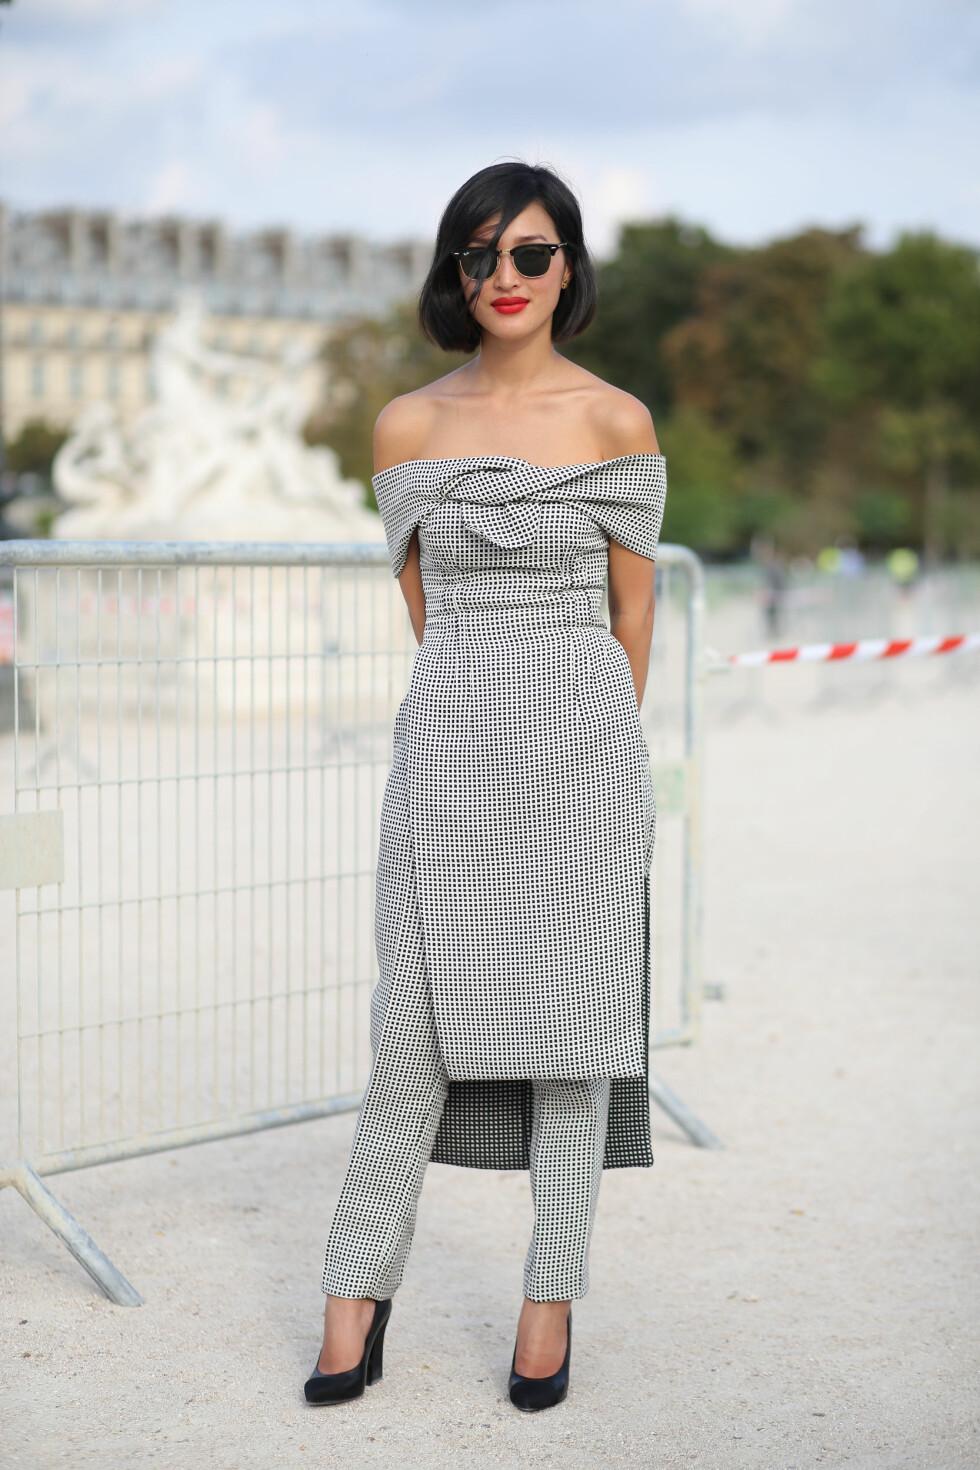 Moteikonet Nicole Warne gikk for et matchende kjole-buksesett under moteuken i Paris. Foto: Scanpix